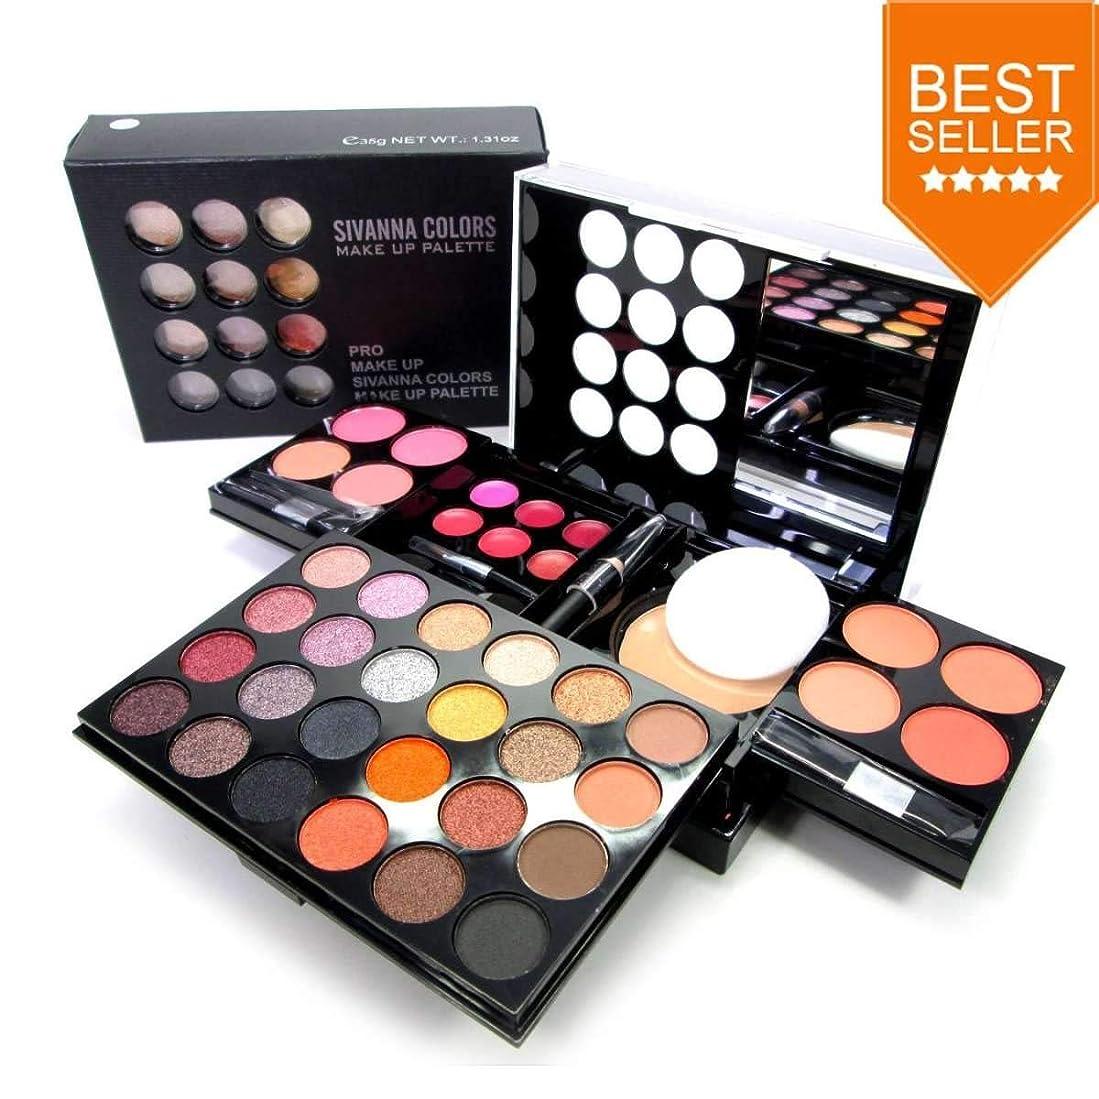 最後に未就学倉庫Sivanna Colors PRO MAKE UP PALETTE DK212 3 in 1 Make-up Palette Set #1